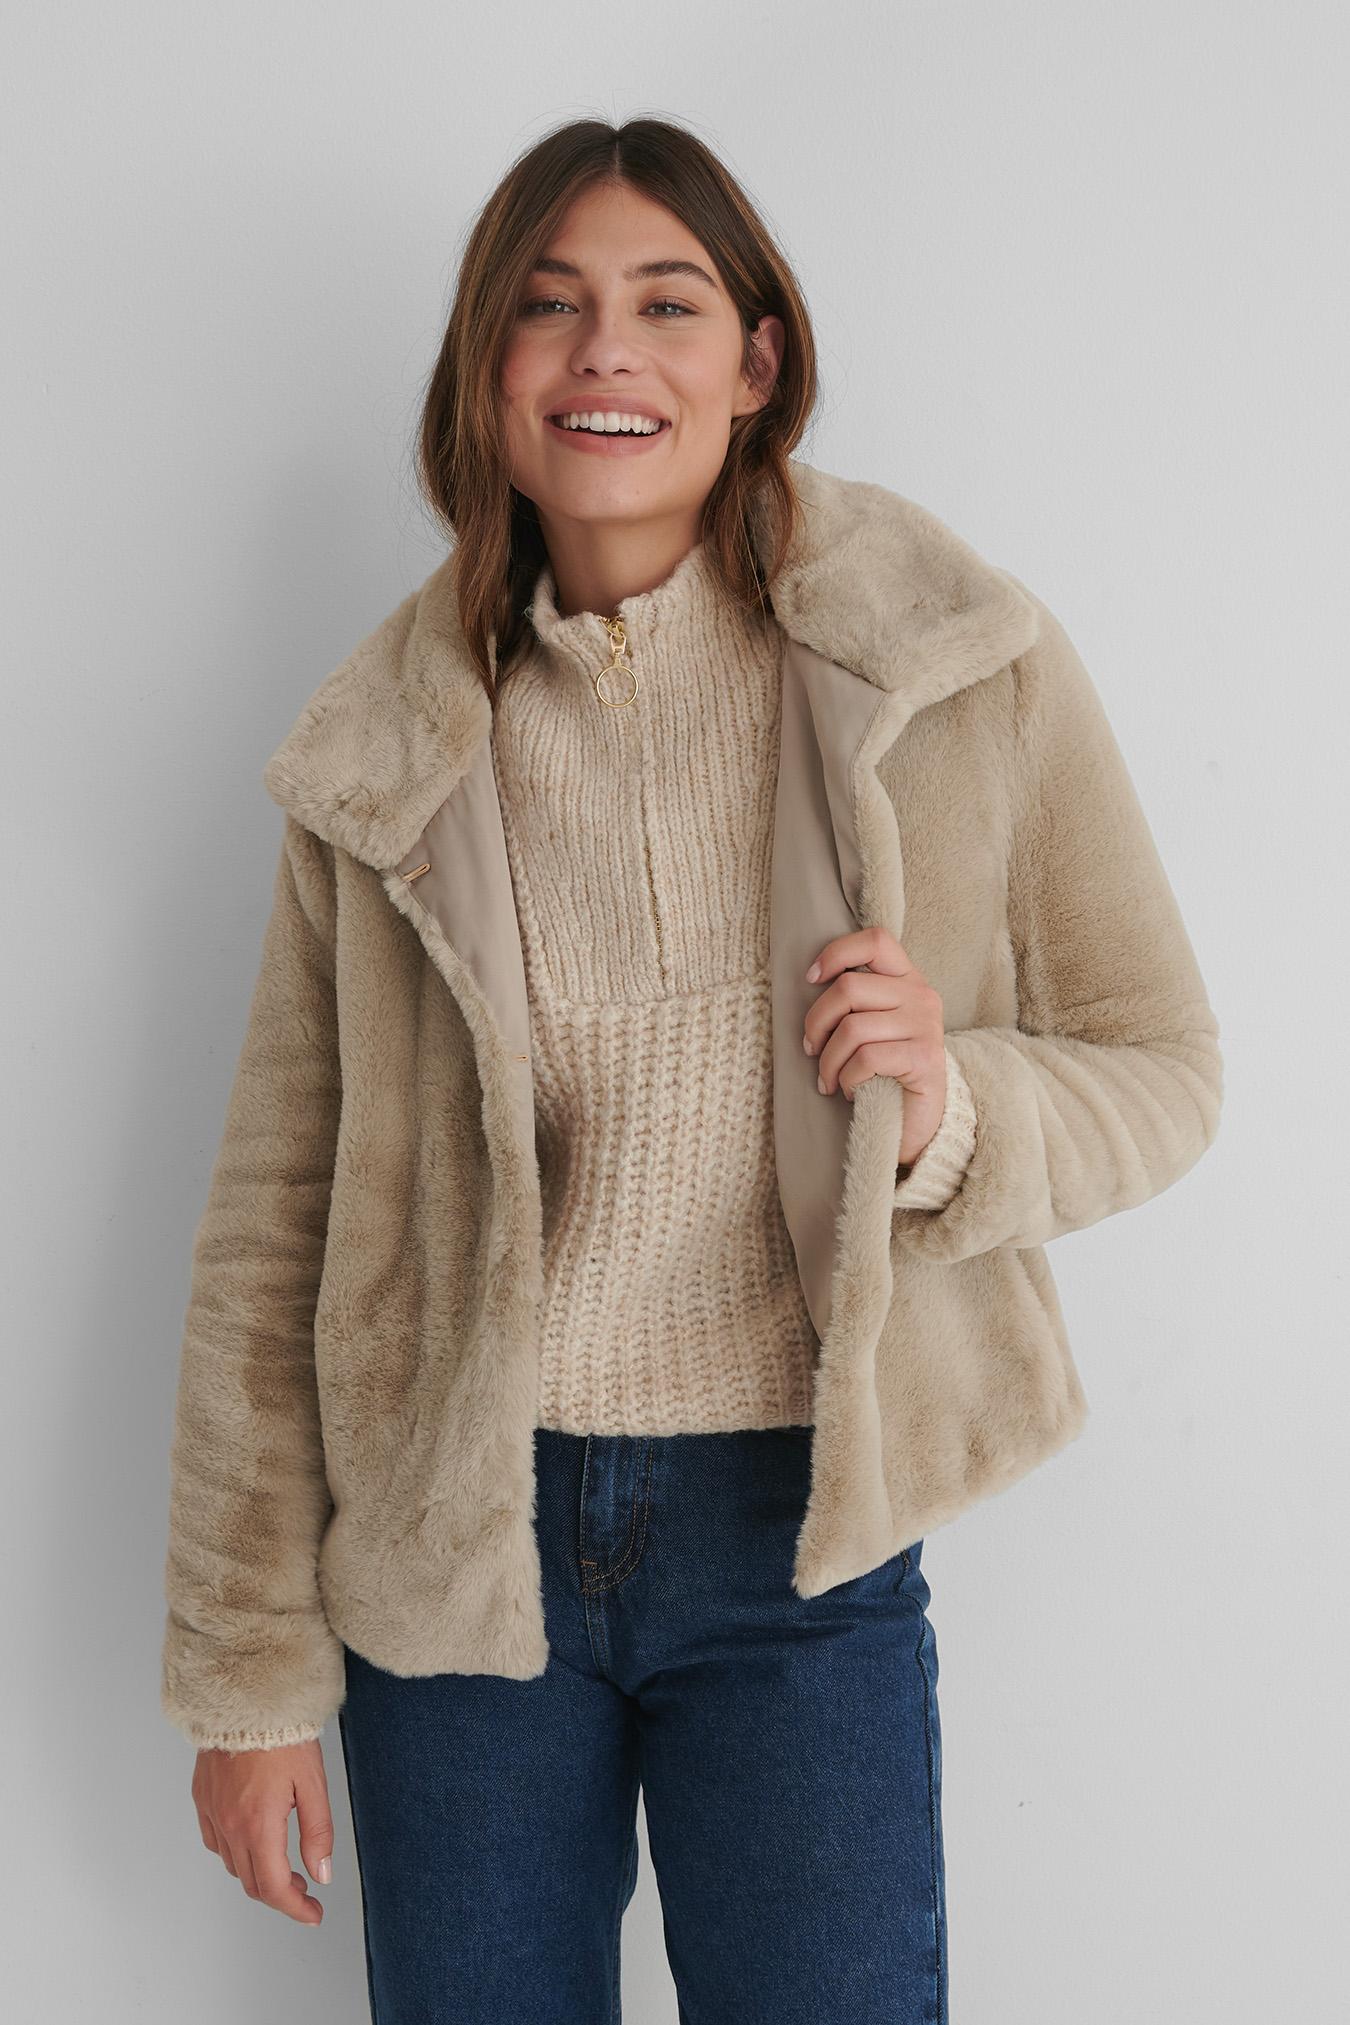 Quilted Short Jacket Beige   na-kd.com in 2021   Short